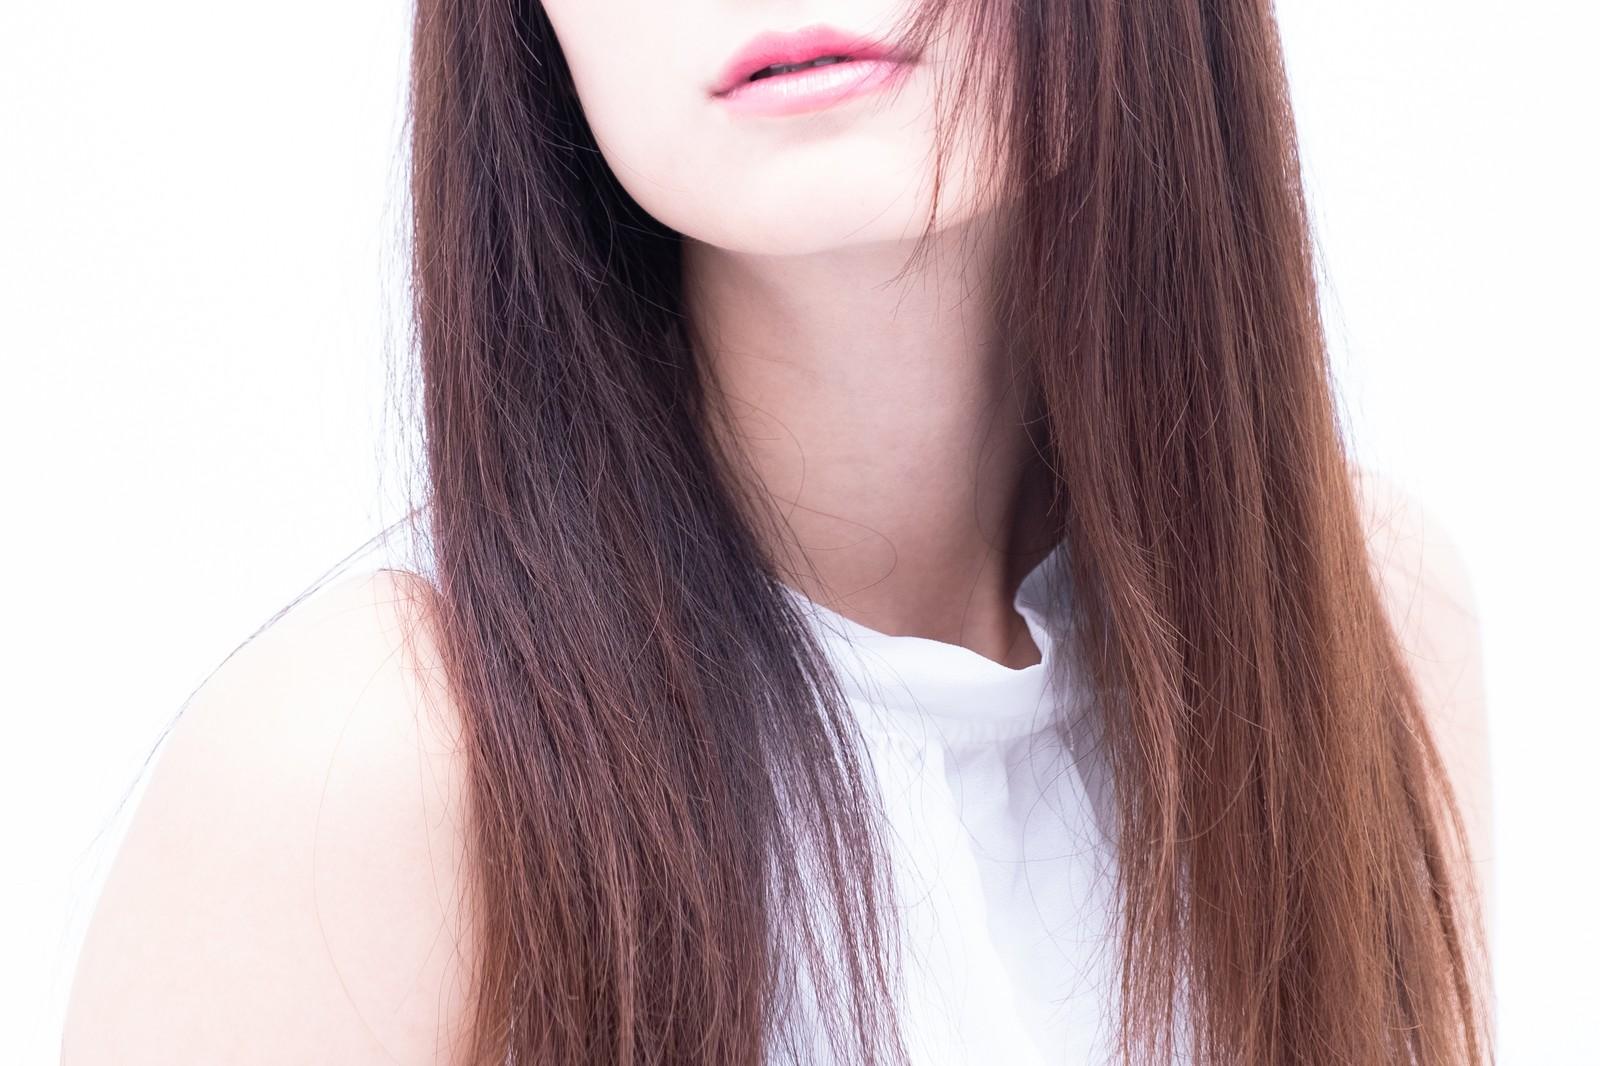 【頭皮ケア】北千住駅近くでヘッドスパが受けられるヘアサロン3選